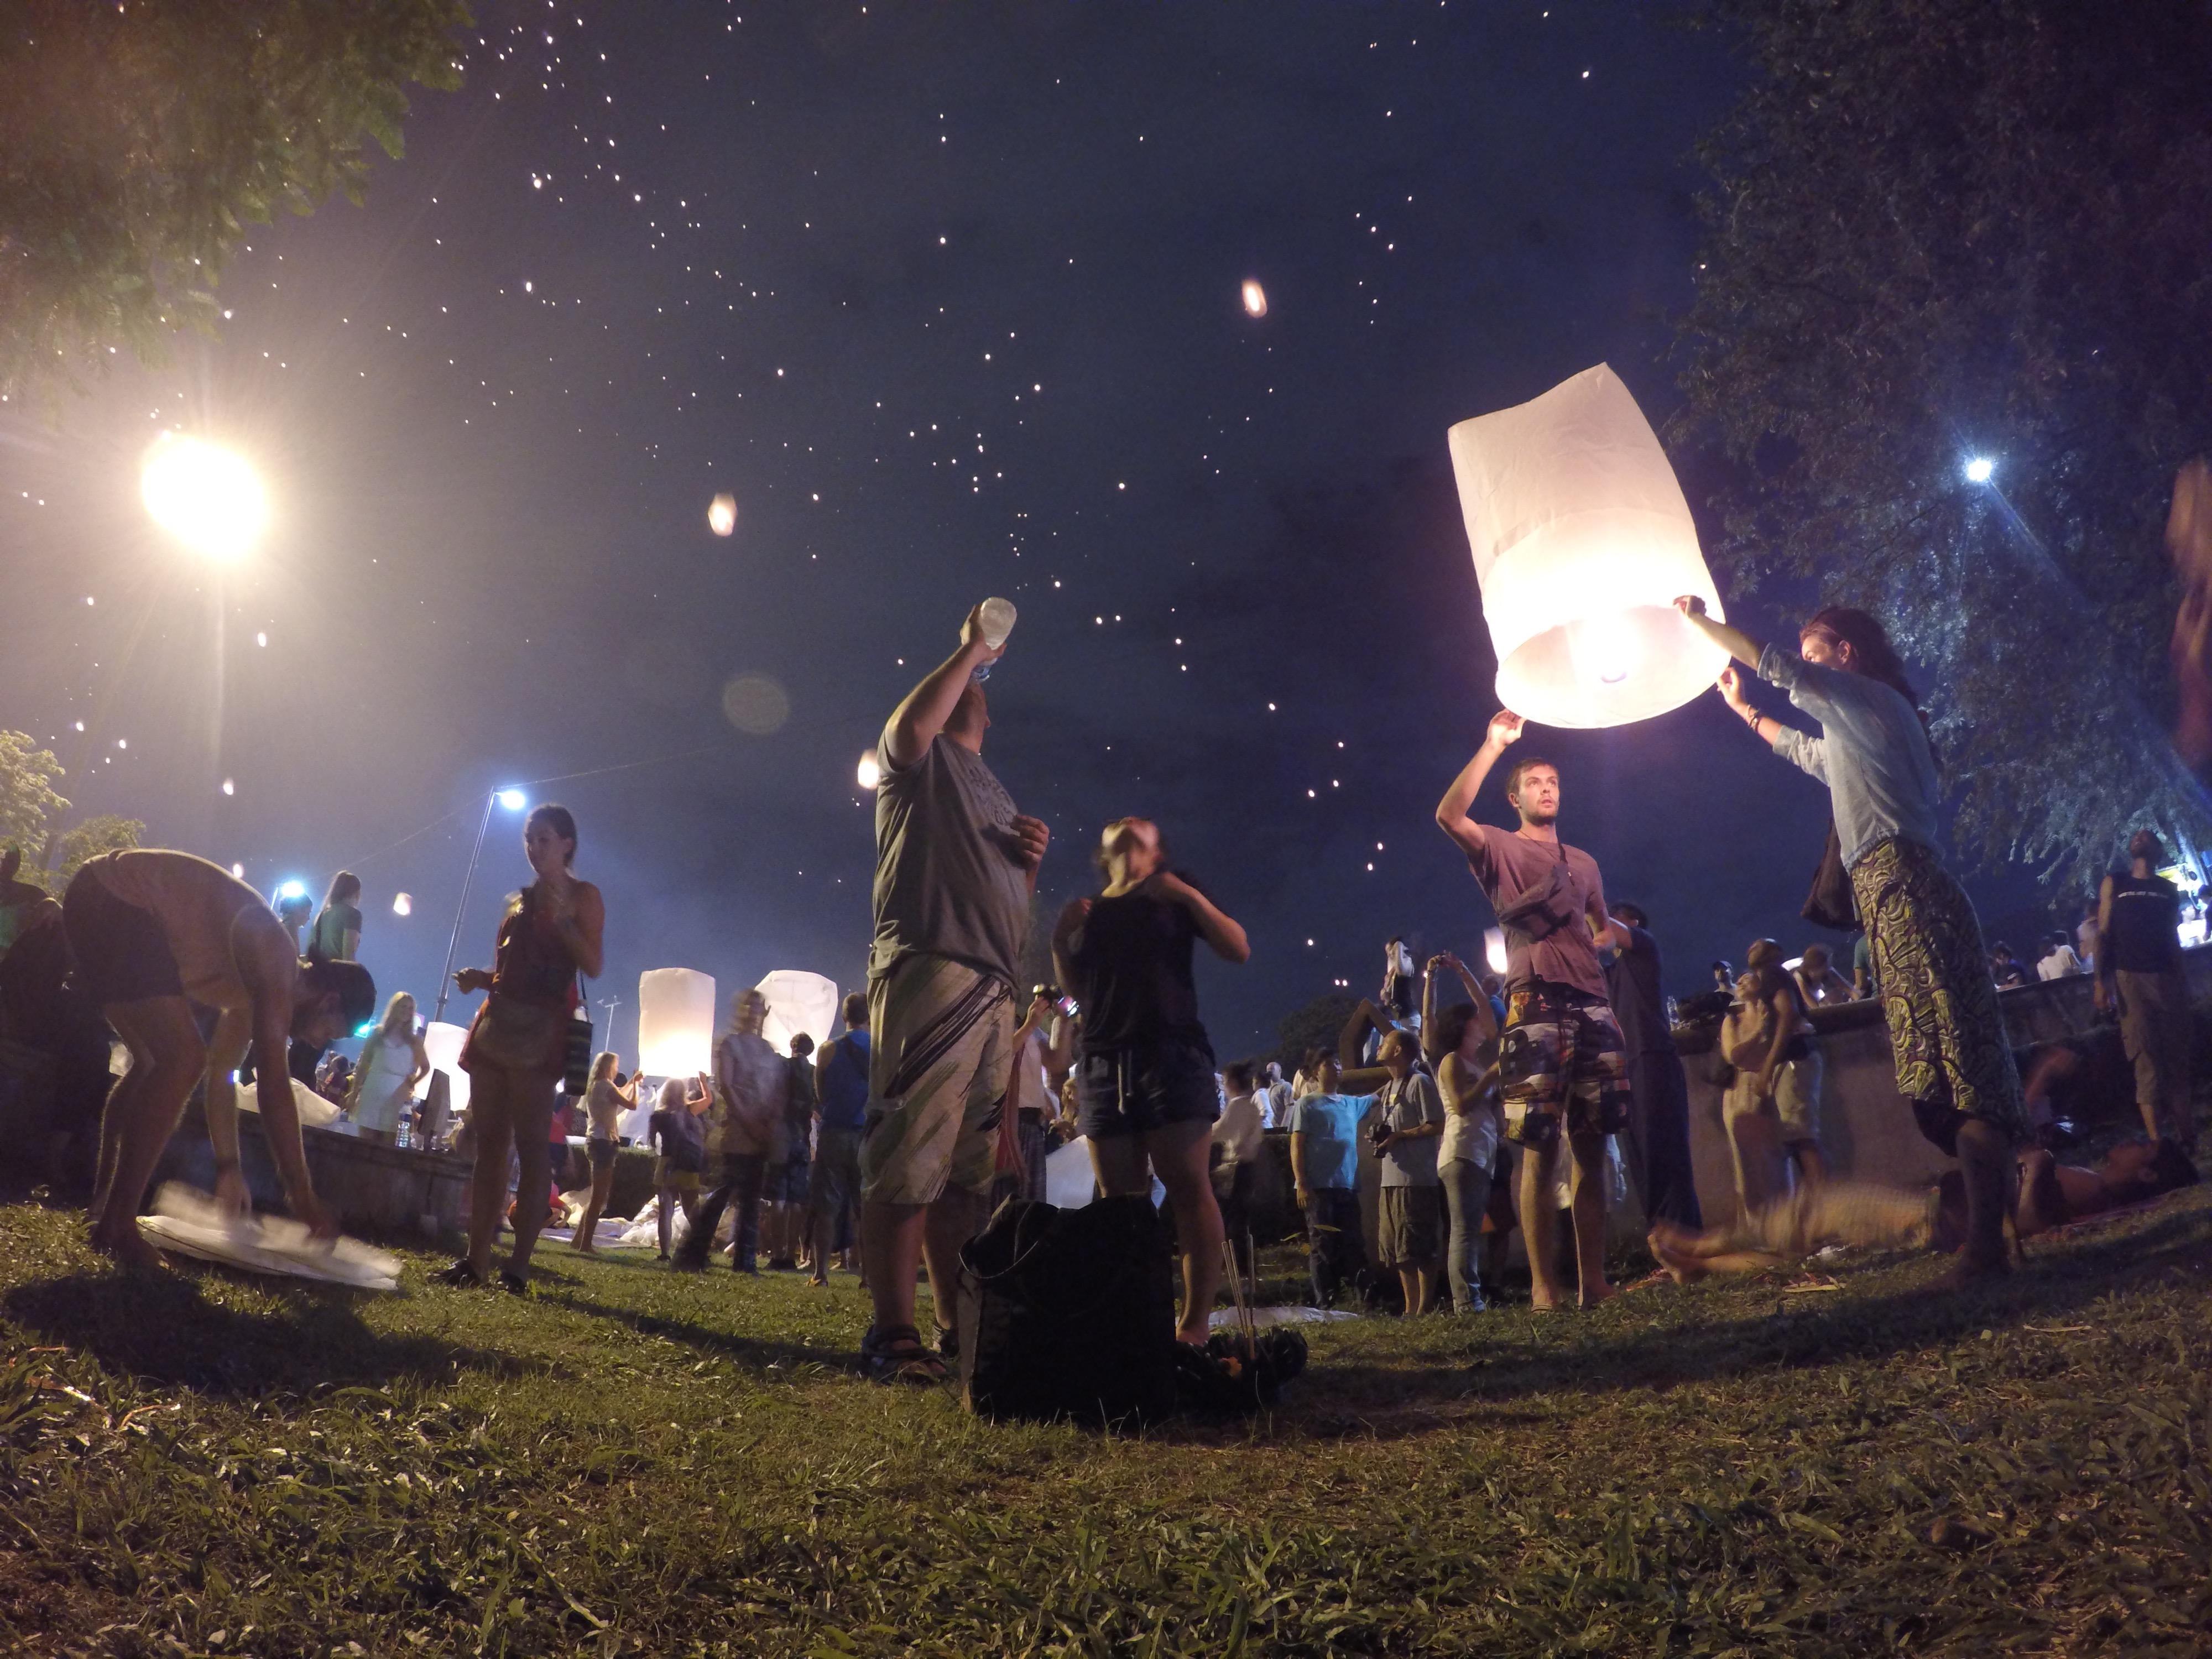 タイ 宿 ゲストハウス 世界一周 旅 ブログ 夫婦 バンコク チェンマイ チェンコーン パーイ